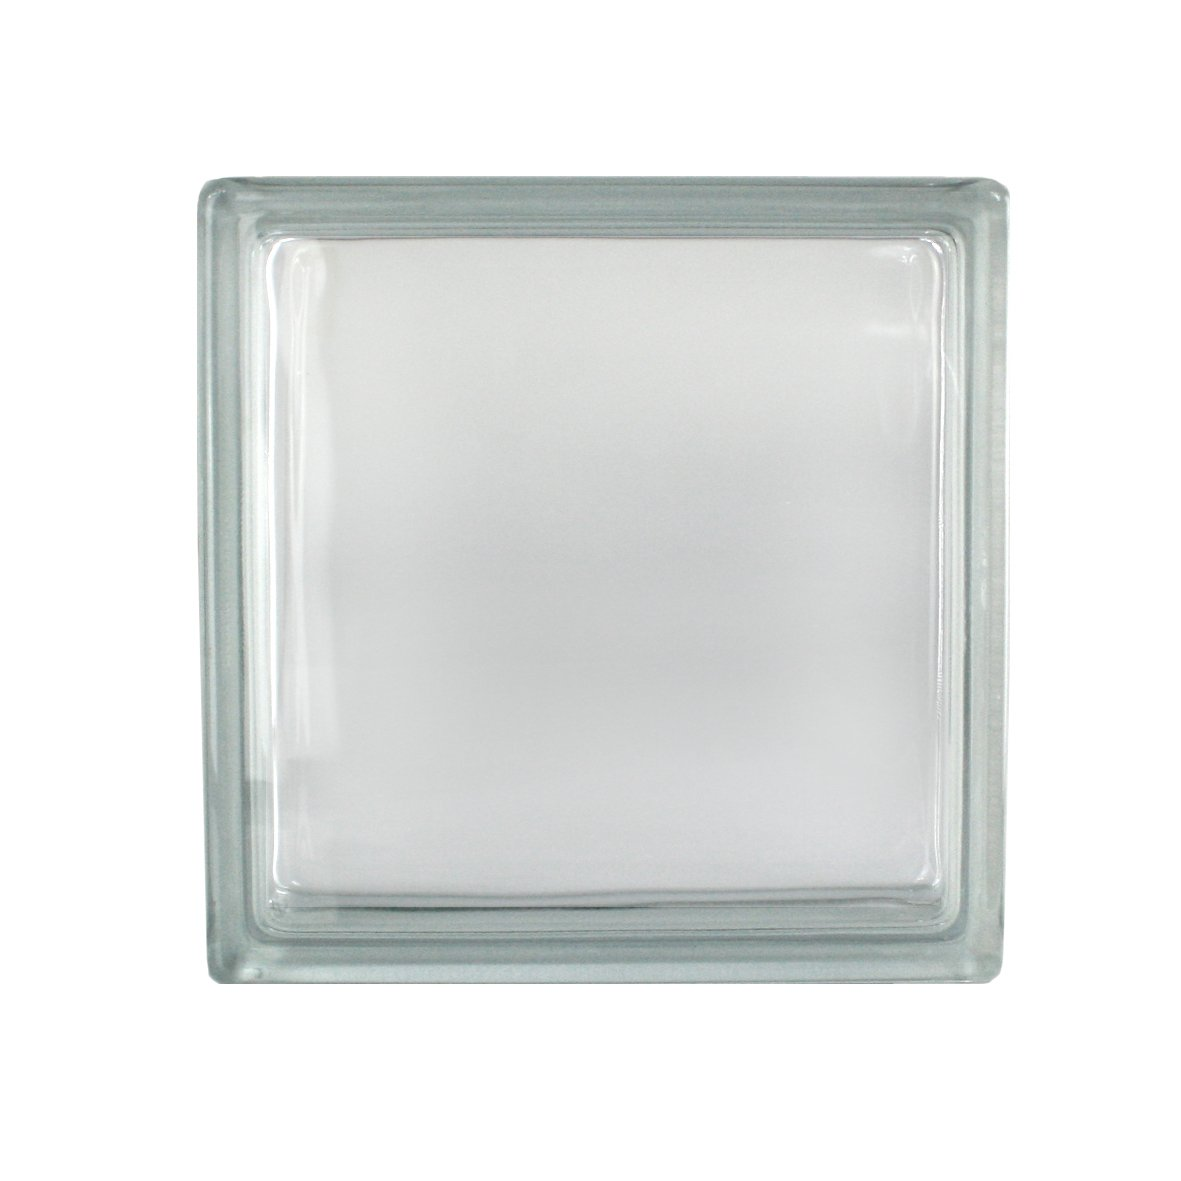 5 pi/èces FUCHS briques de verre vue compl/ète incolore 24x24x8 cm